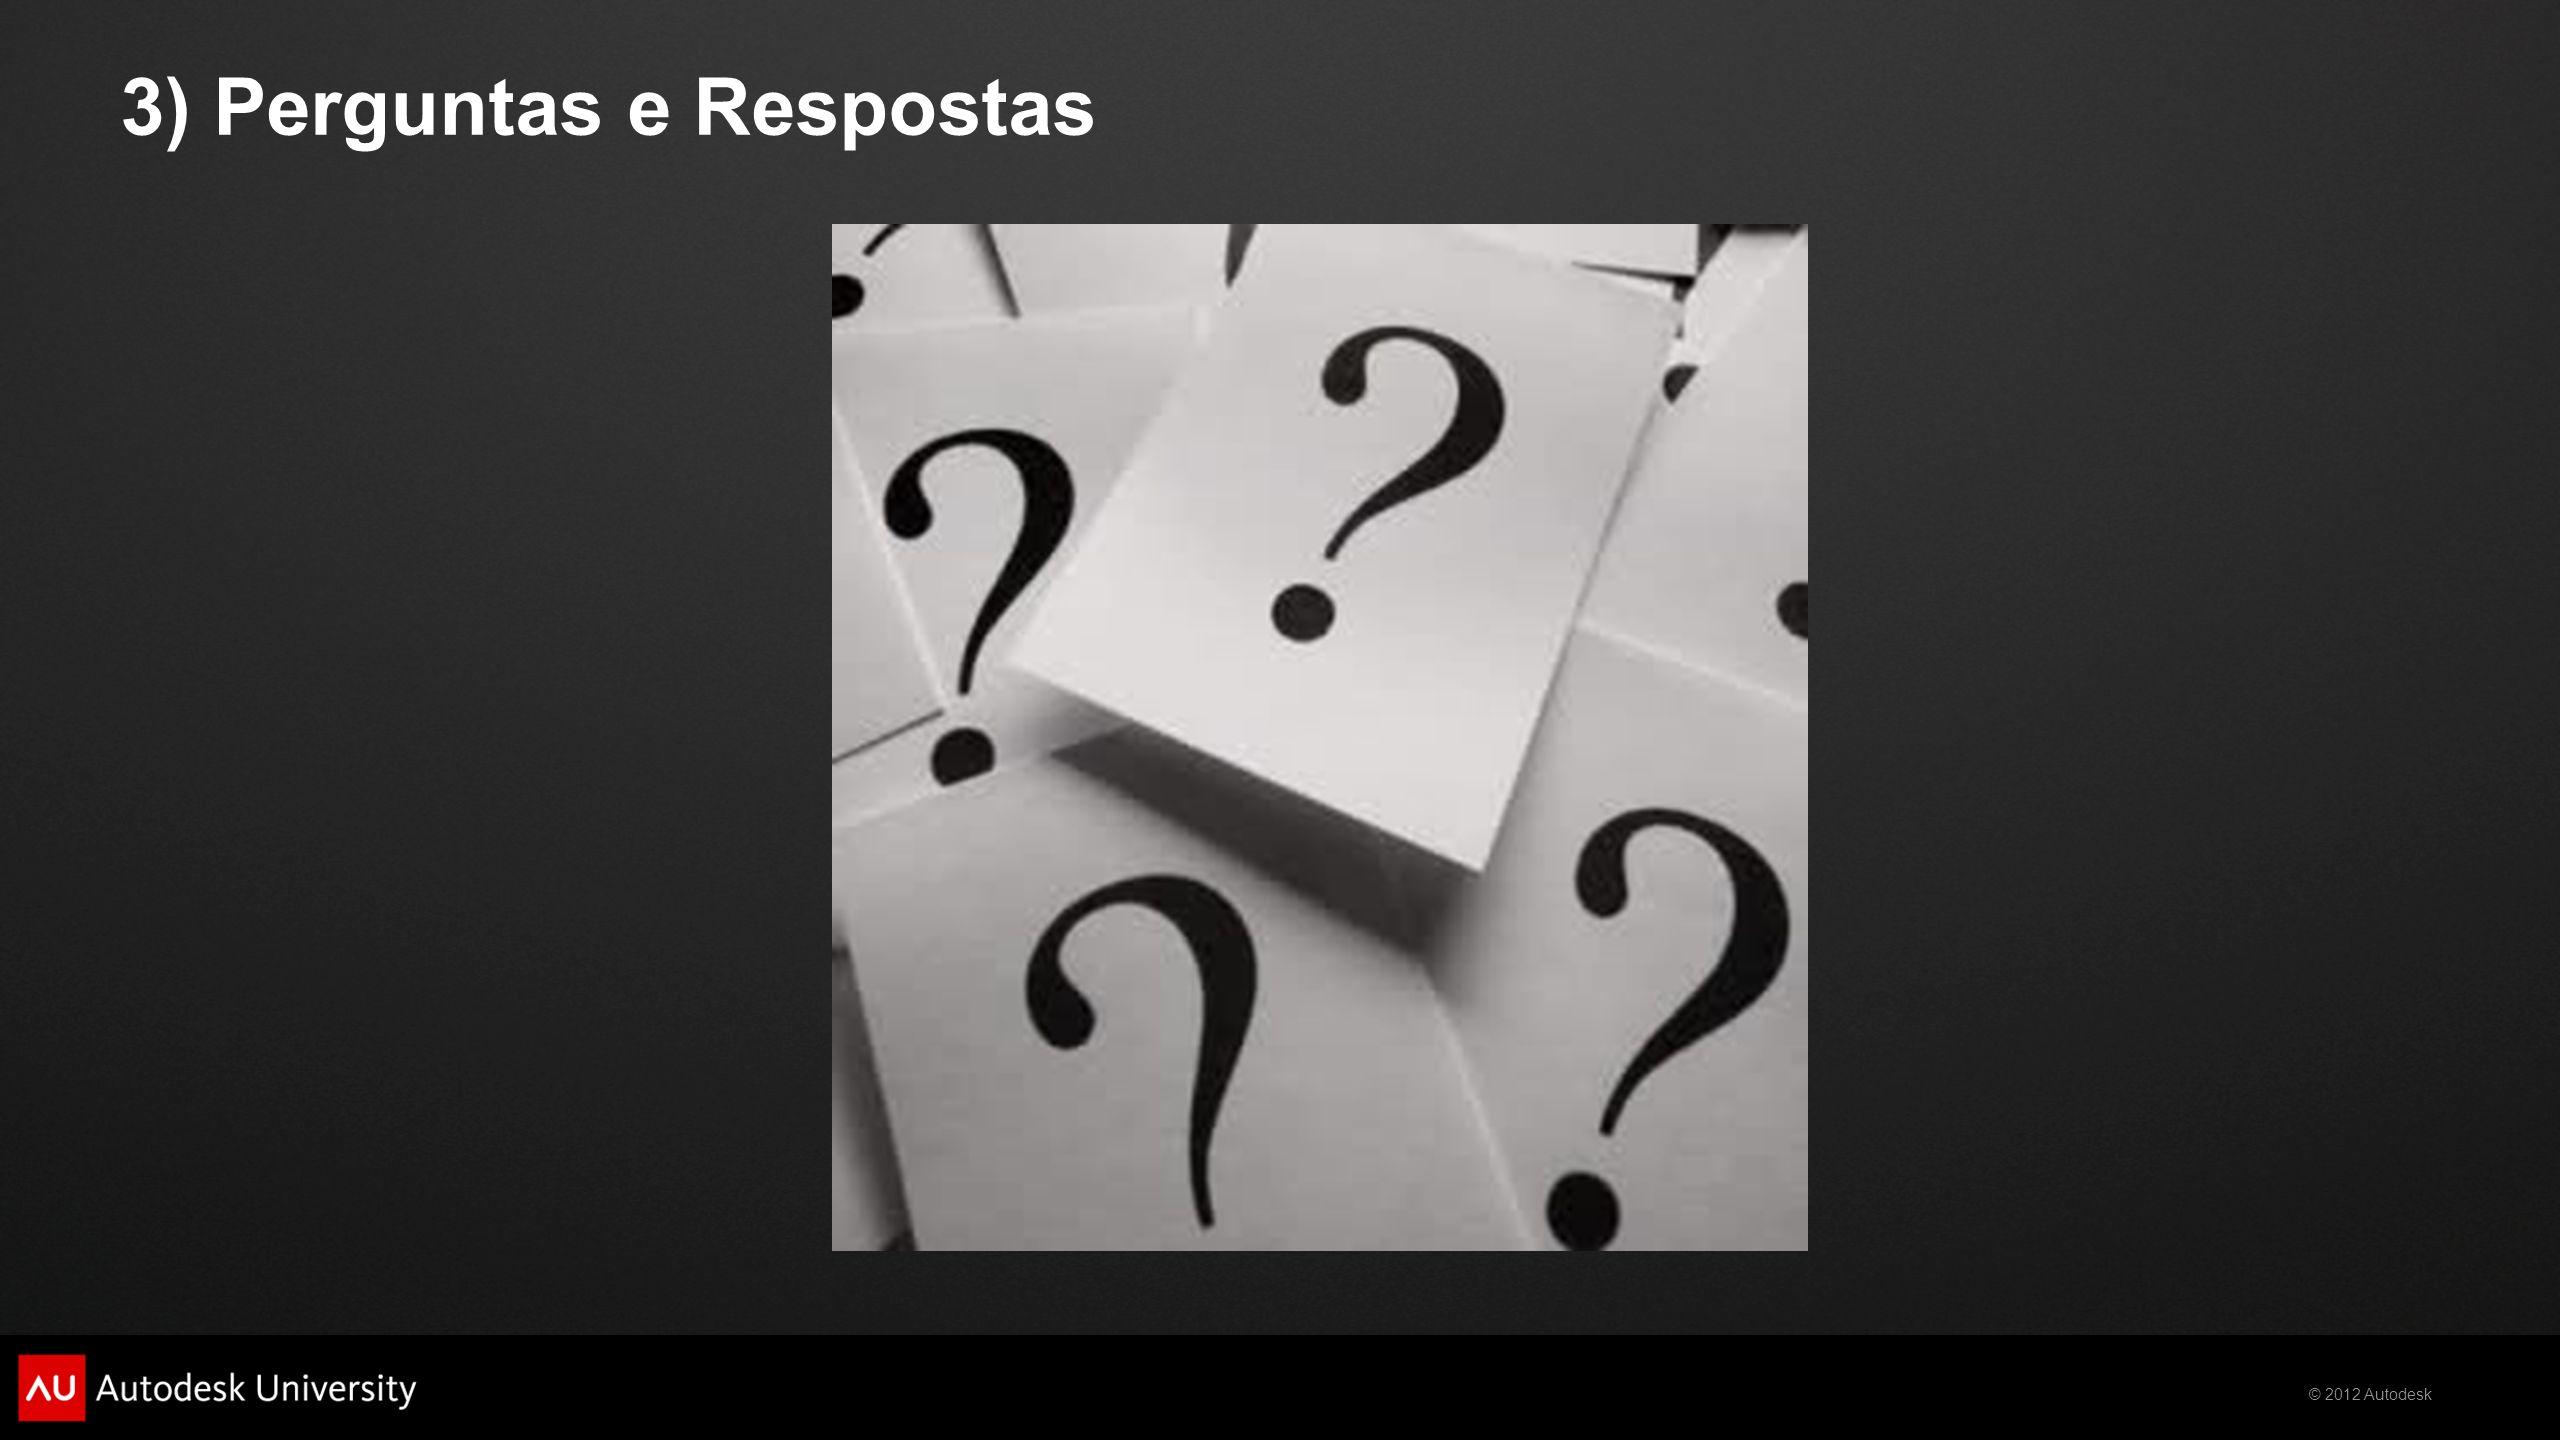 3) Perguntas e Respostas